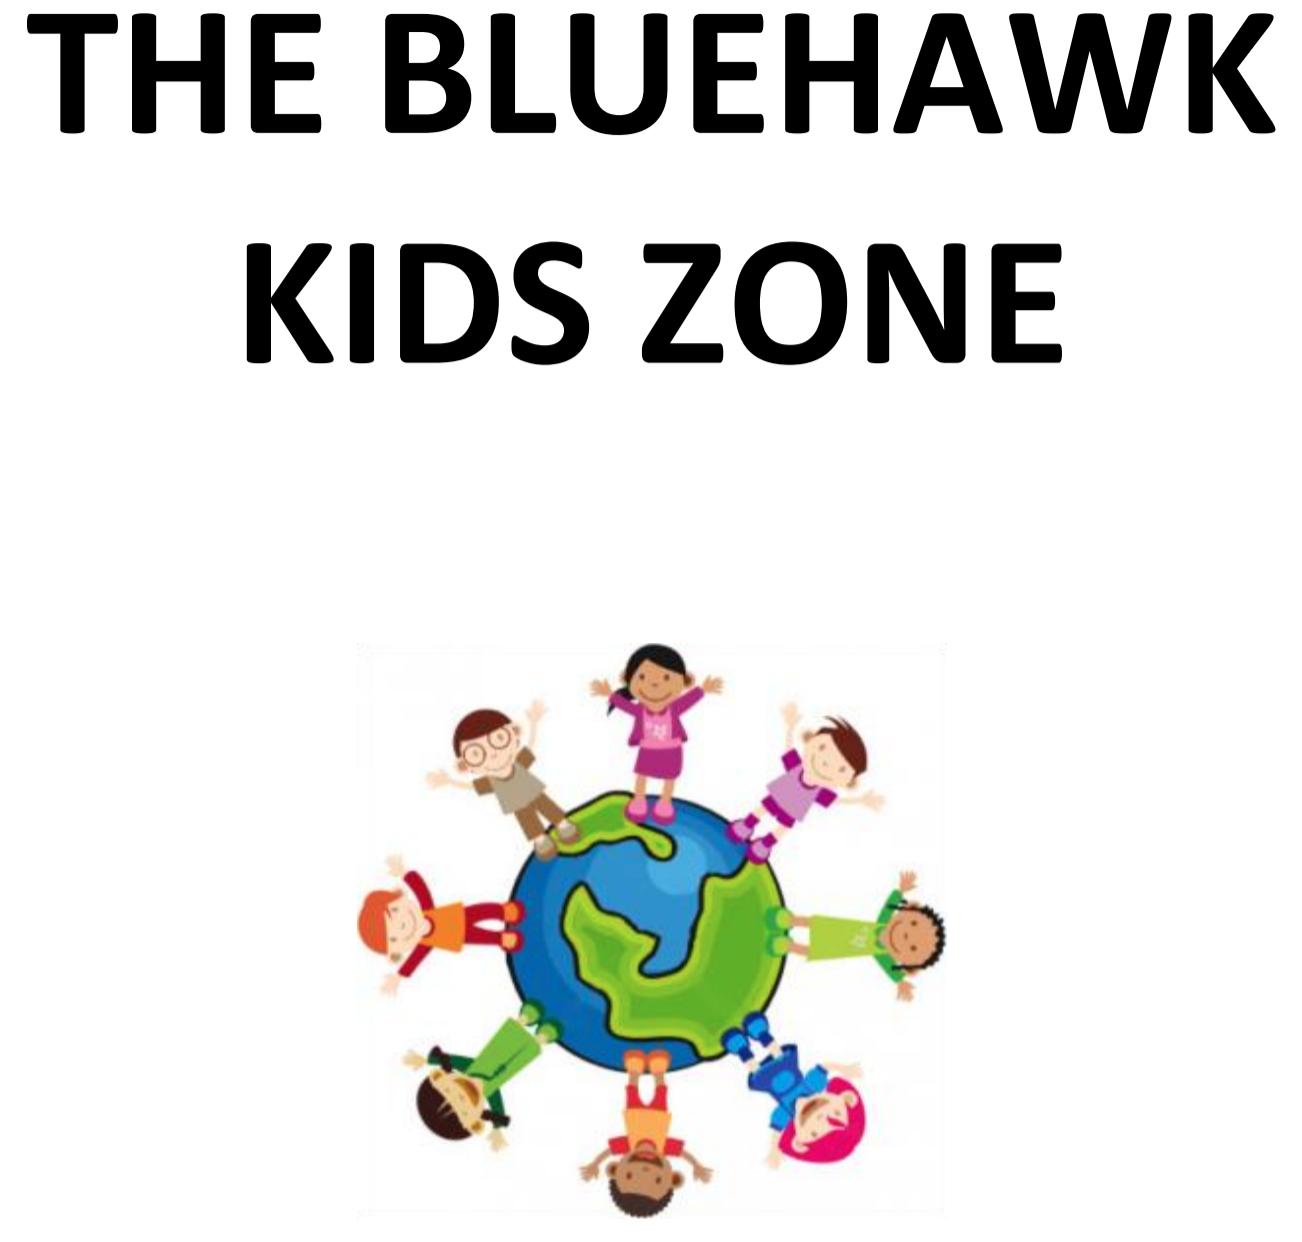 Bluehawk Kids Zone Application